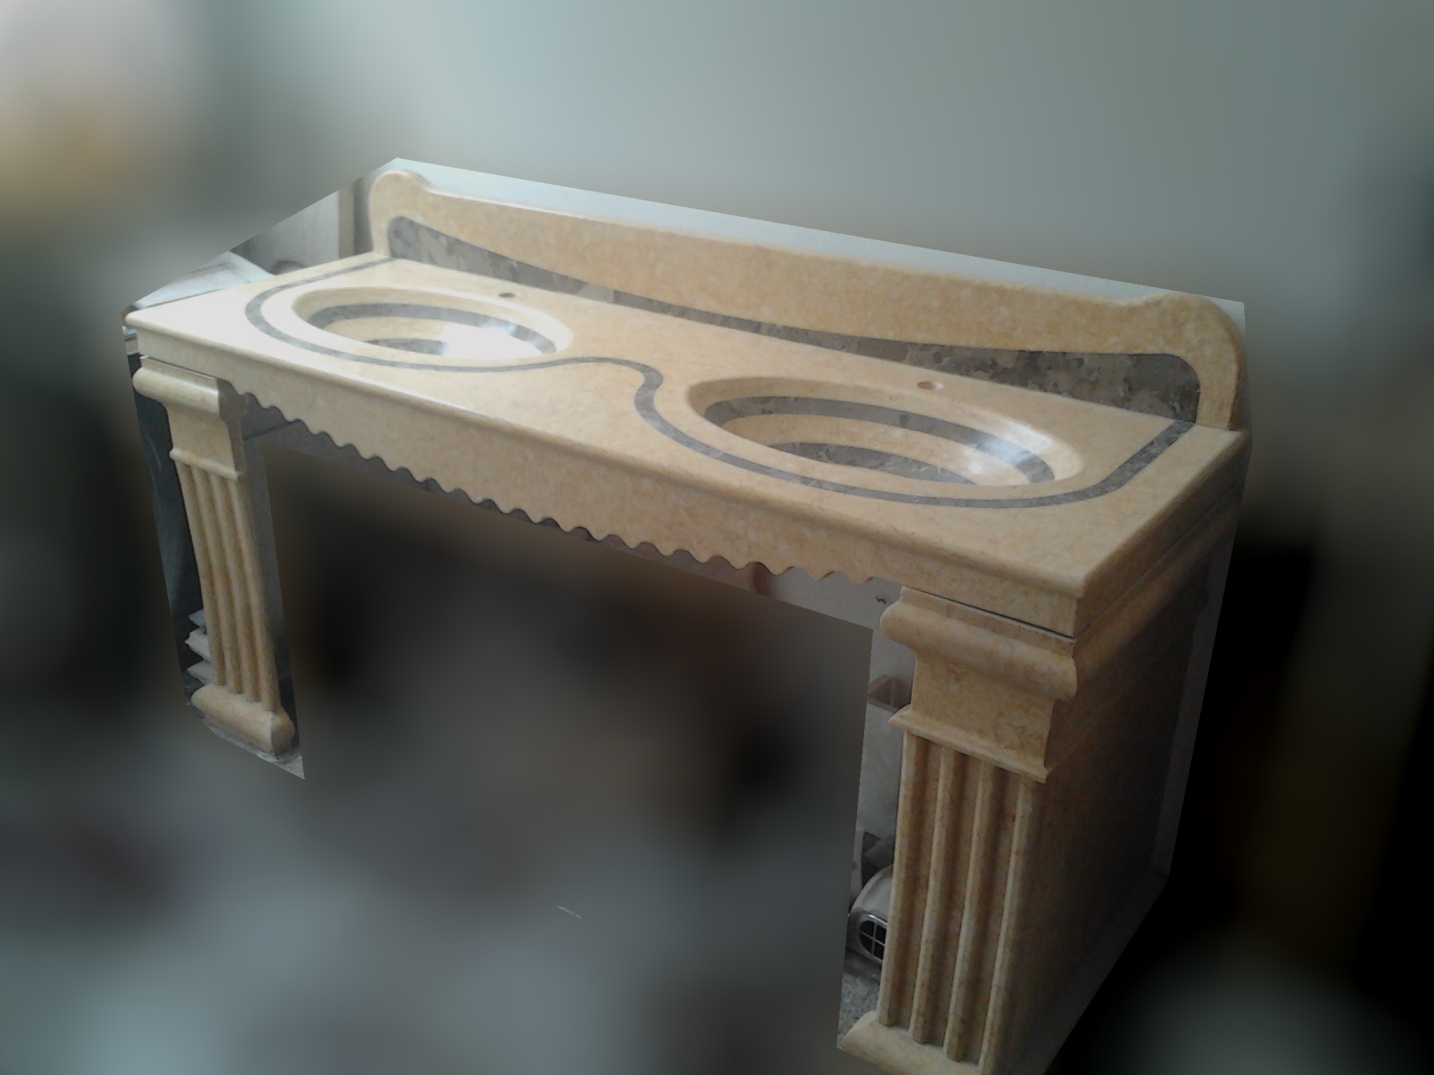 Lavelli lavandini lavabi piatti doccia in marmo pietra mobili da bagno arredamento rustico moderno - Lavandini in marmo per cucina ...